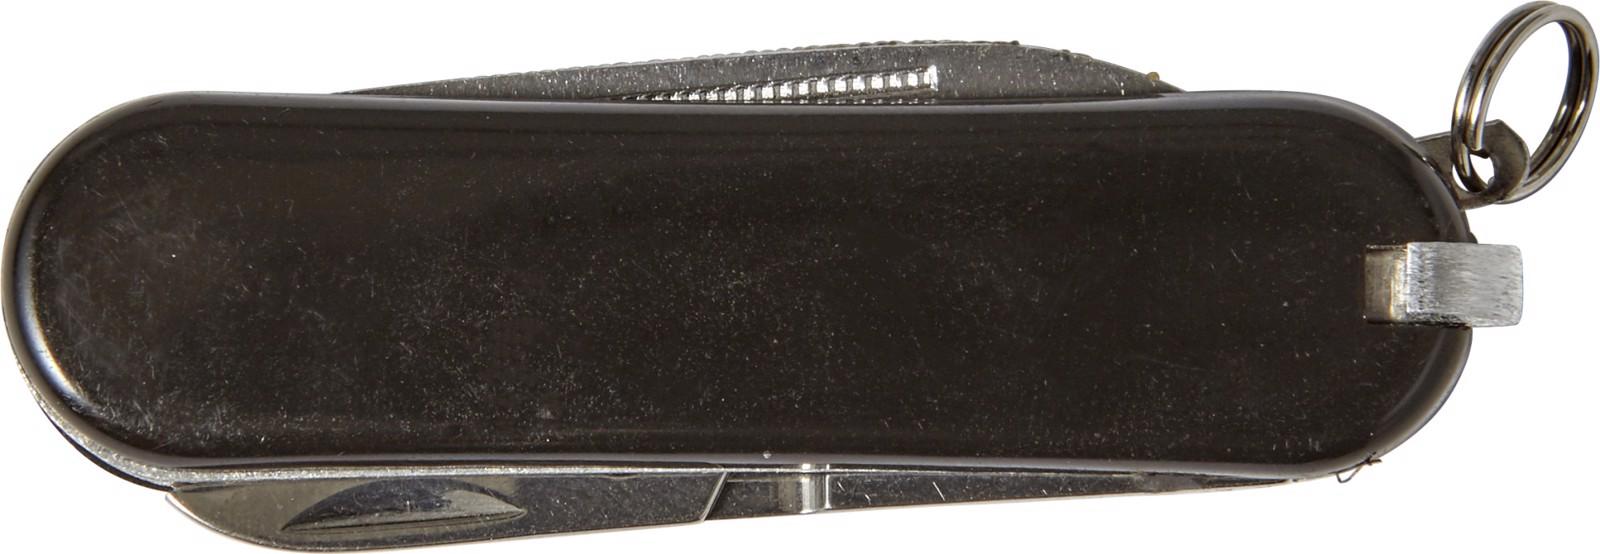 Stainless steel pocket knife - Black